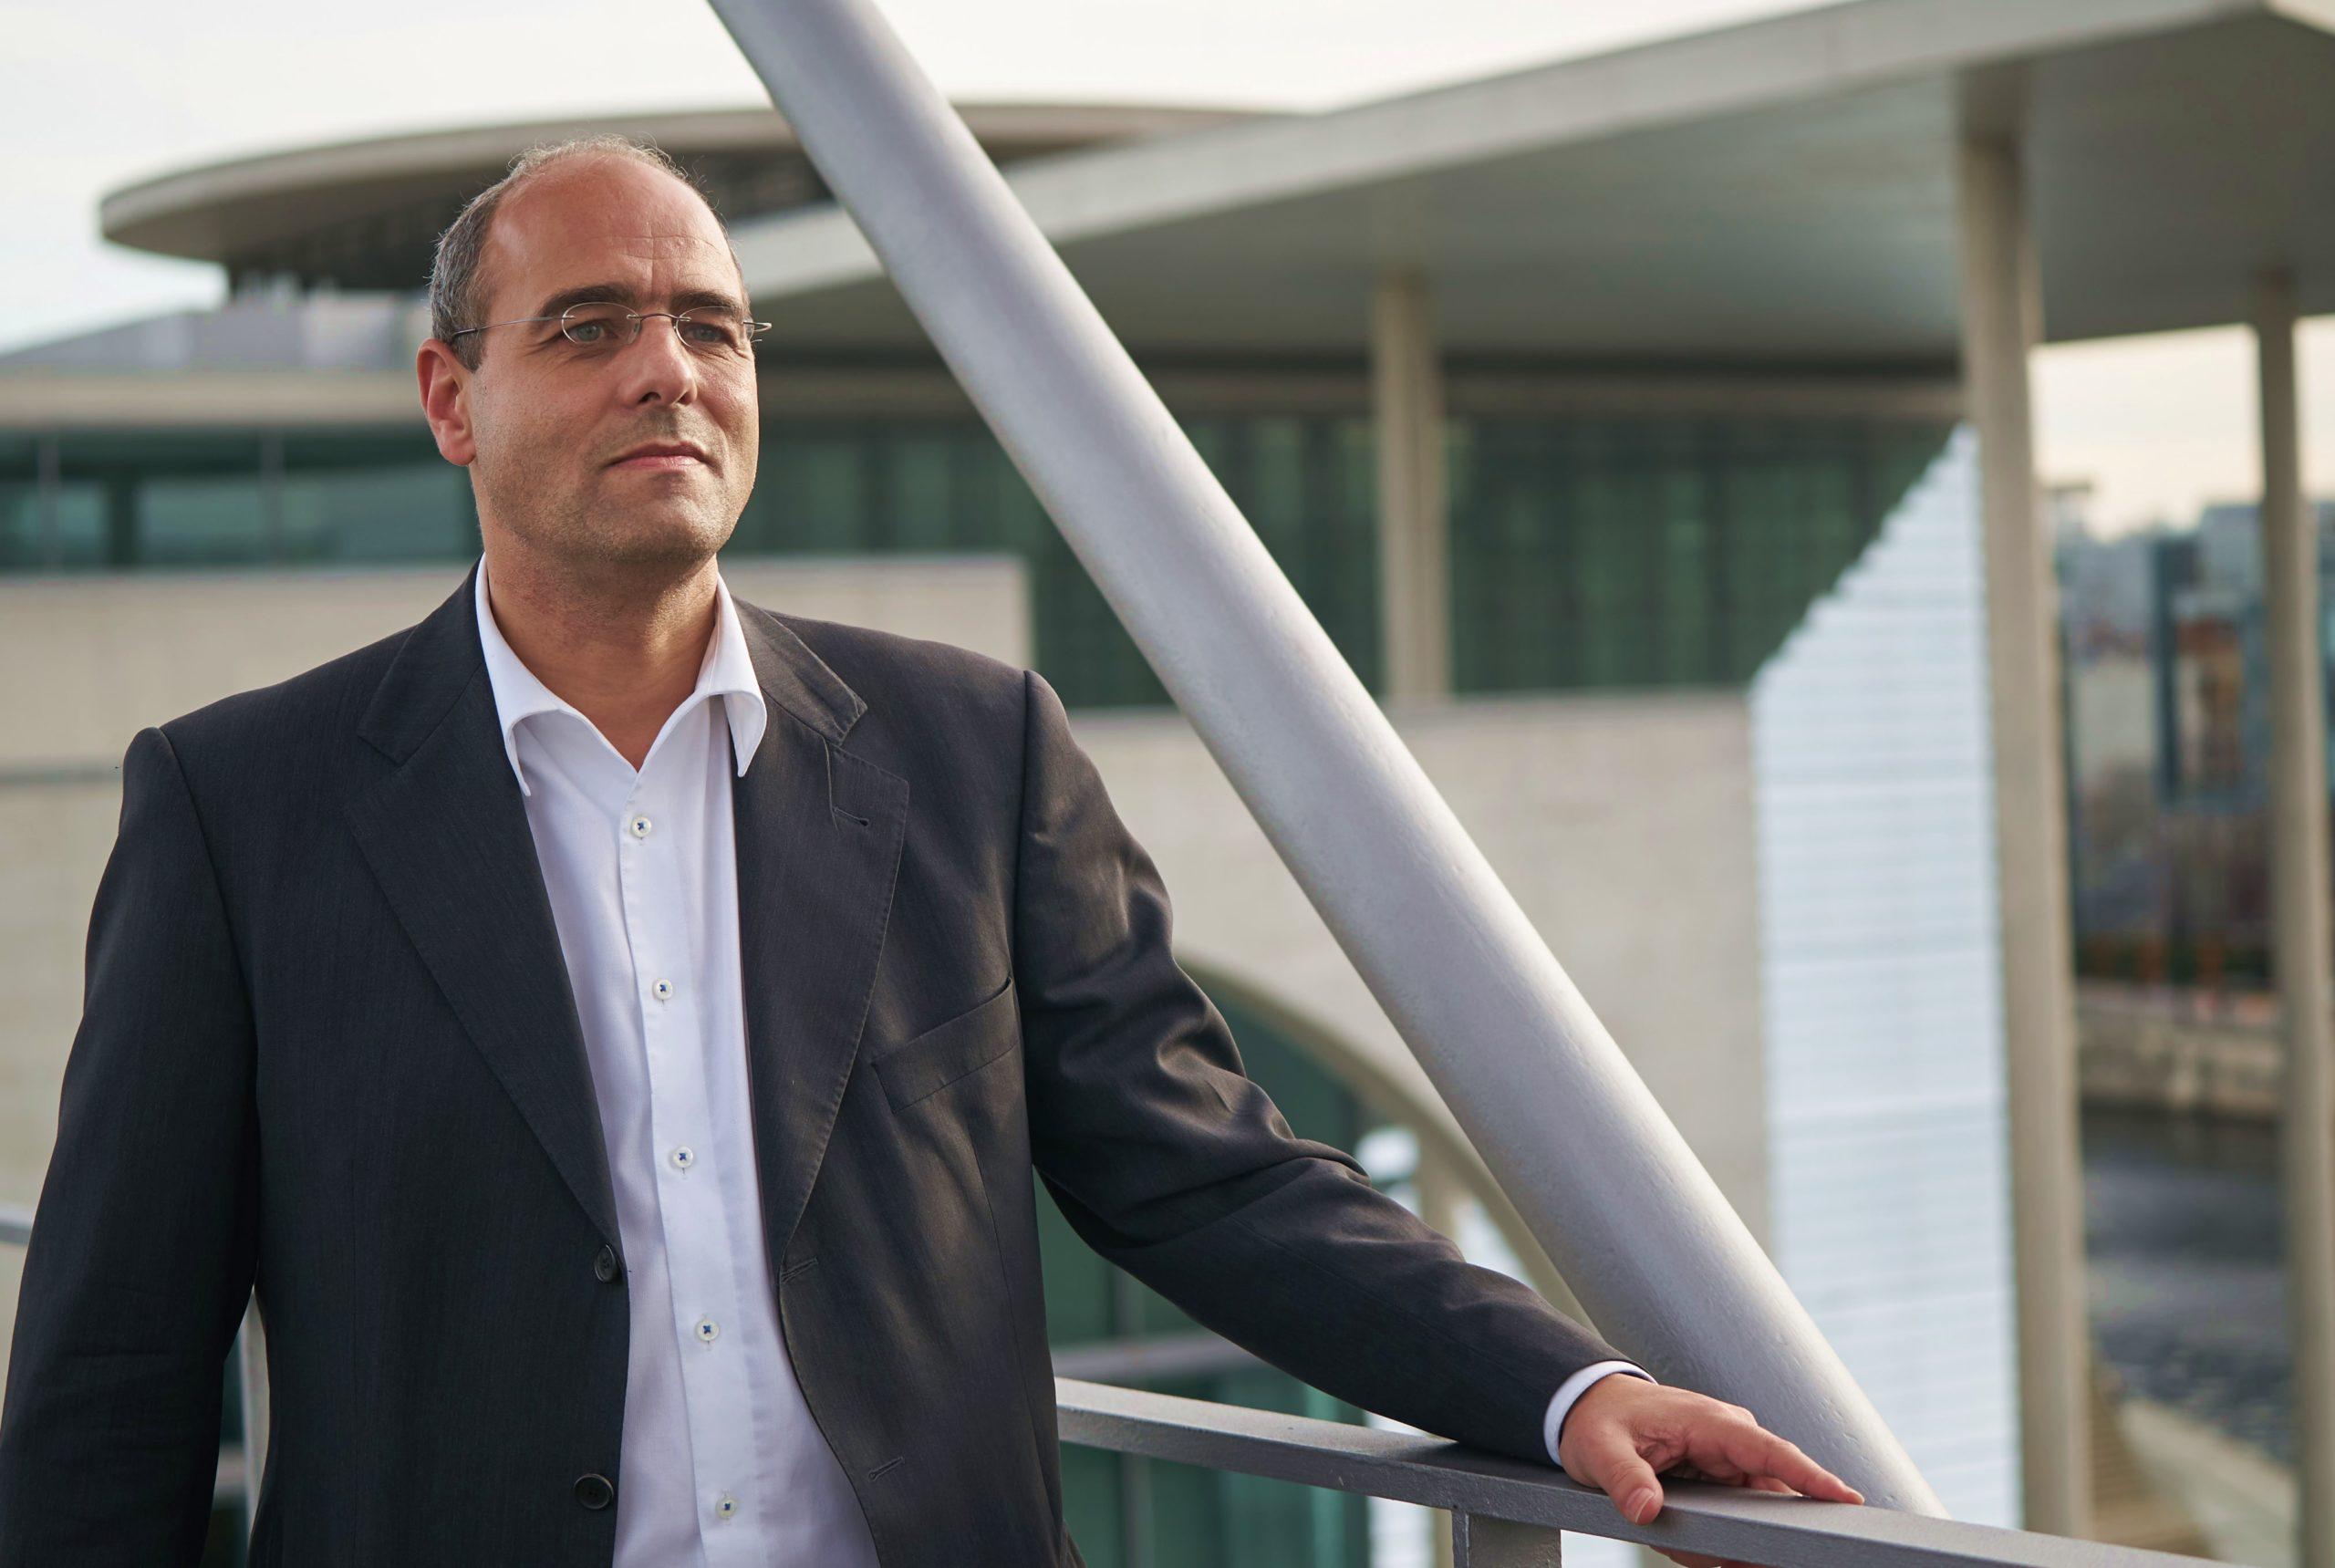 Peter Boehringer